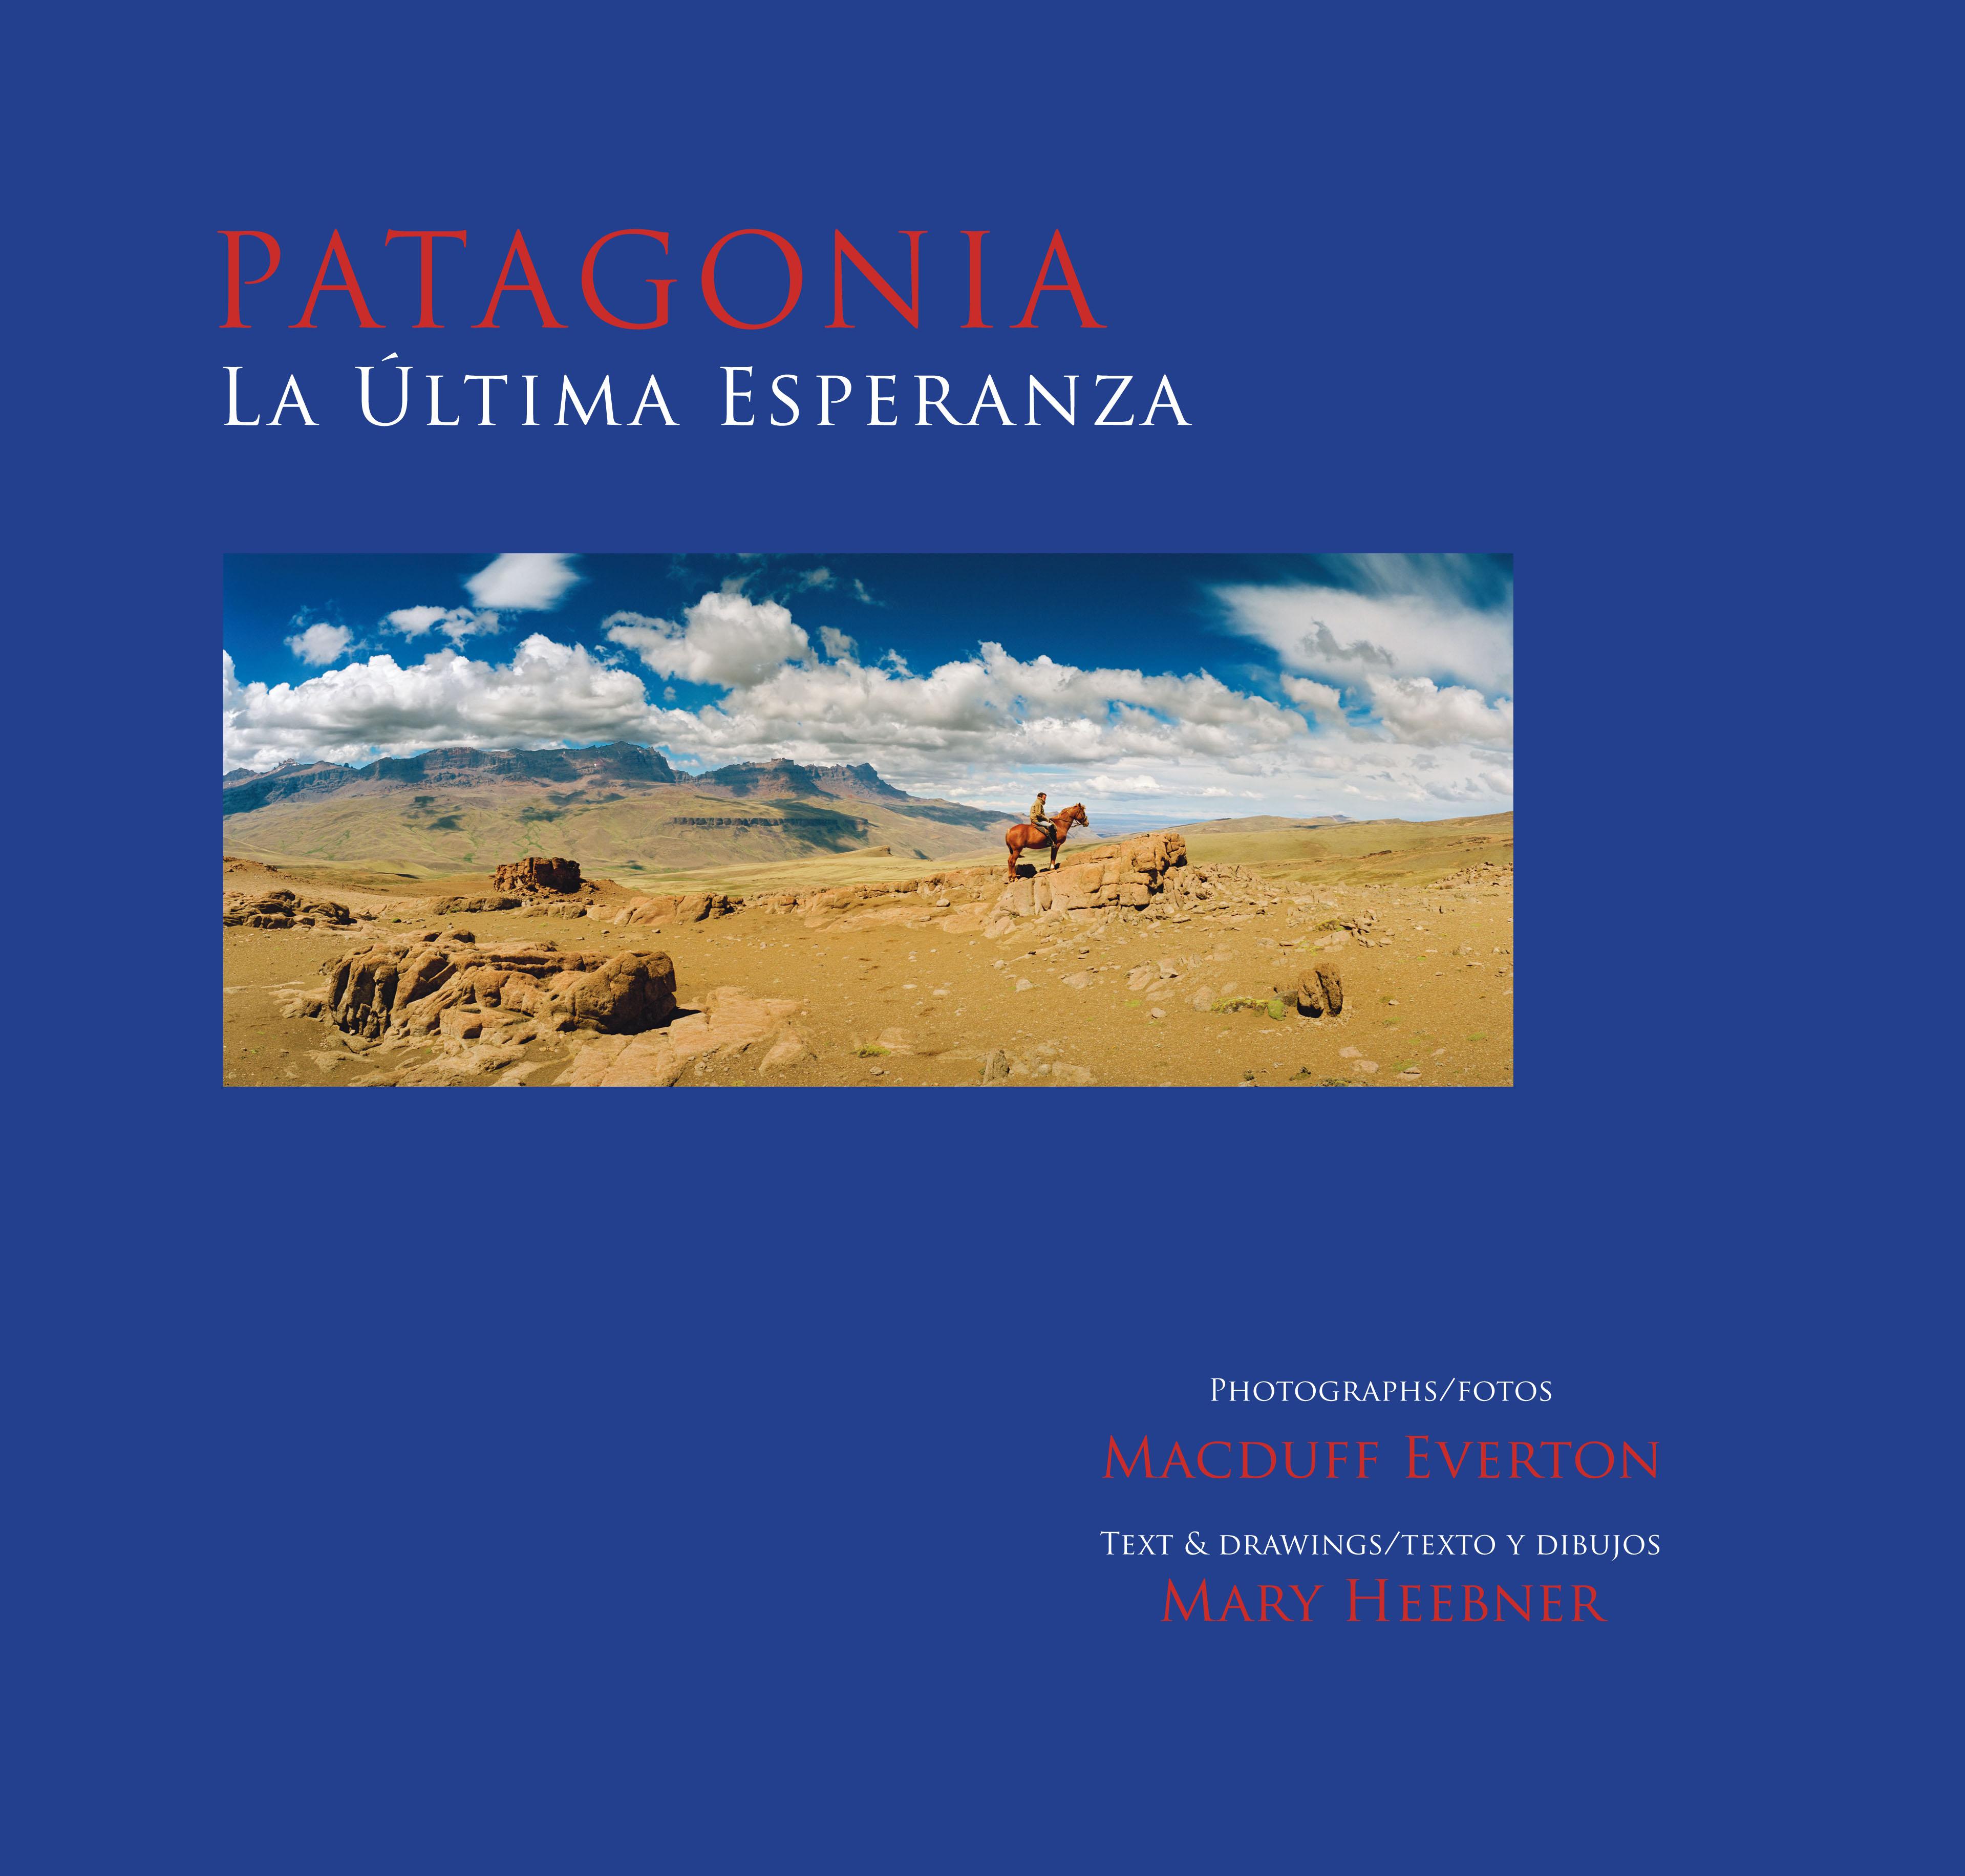 Patagonia, La Ultima Esperanza